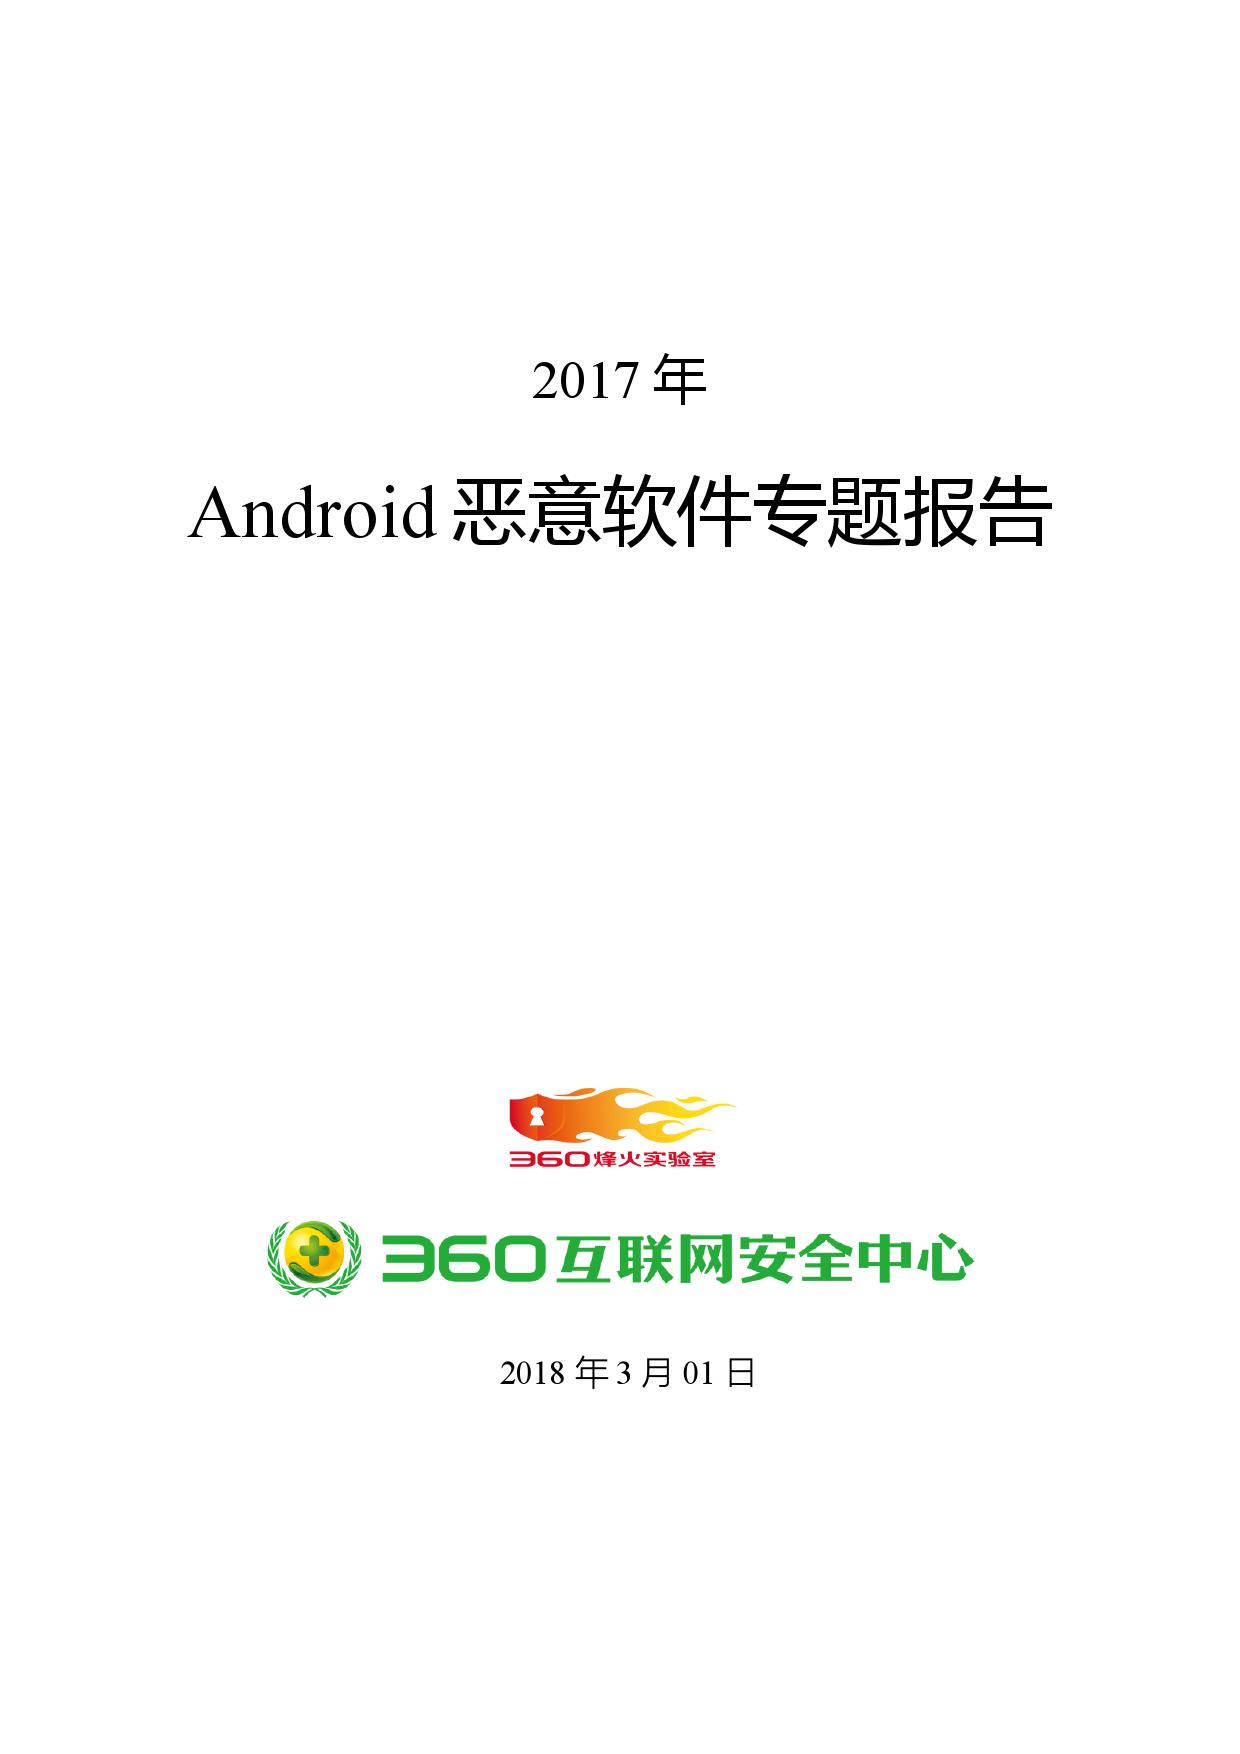 360:2017年Android恶意软件年度专题报告(附下载)